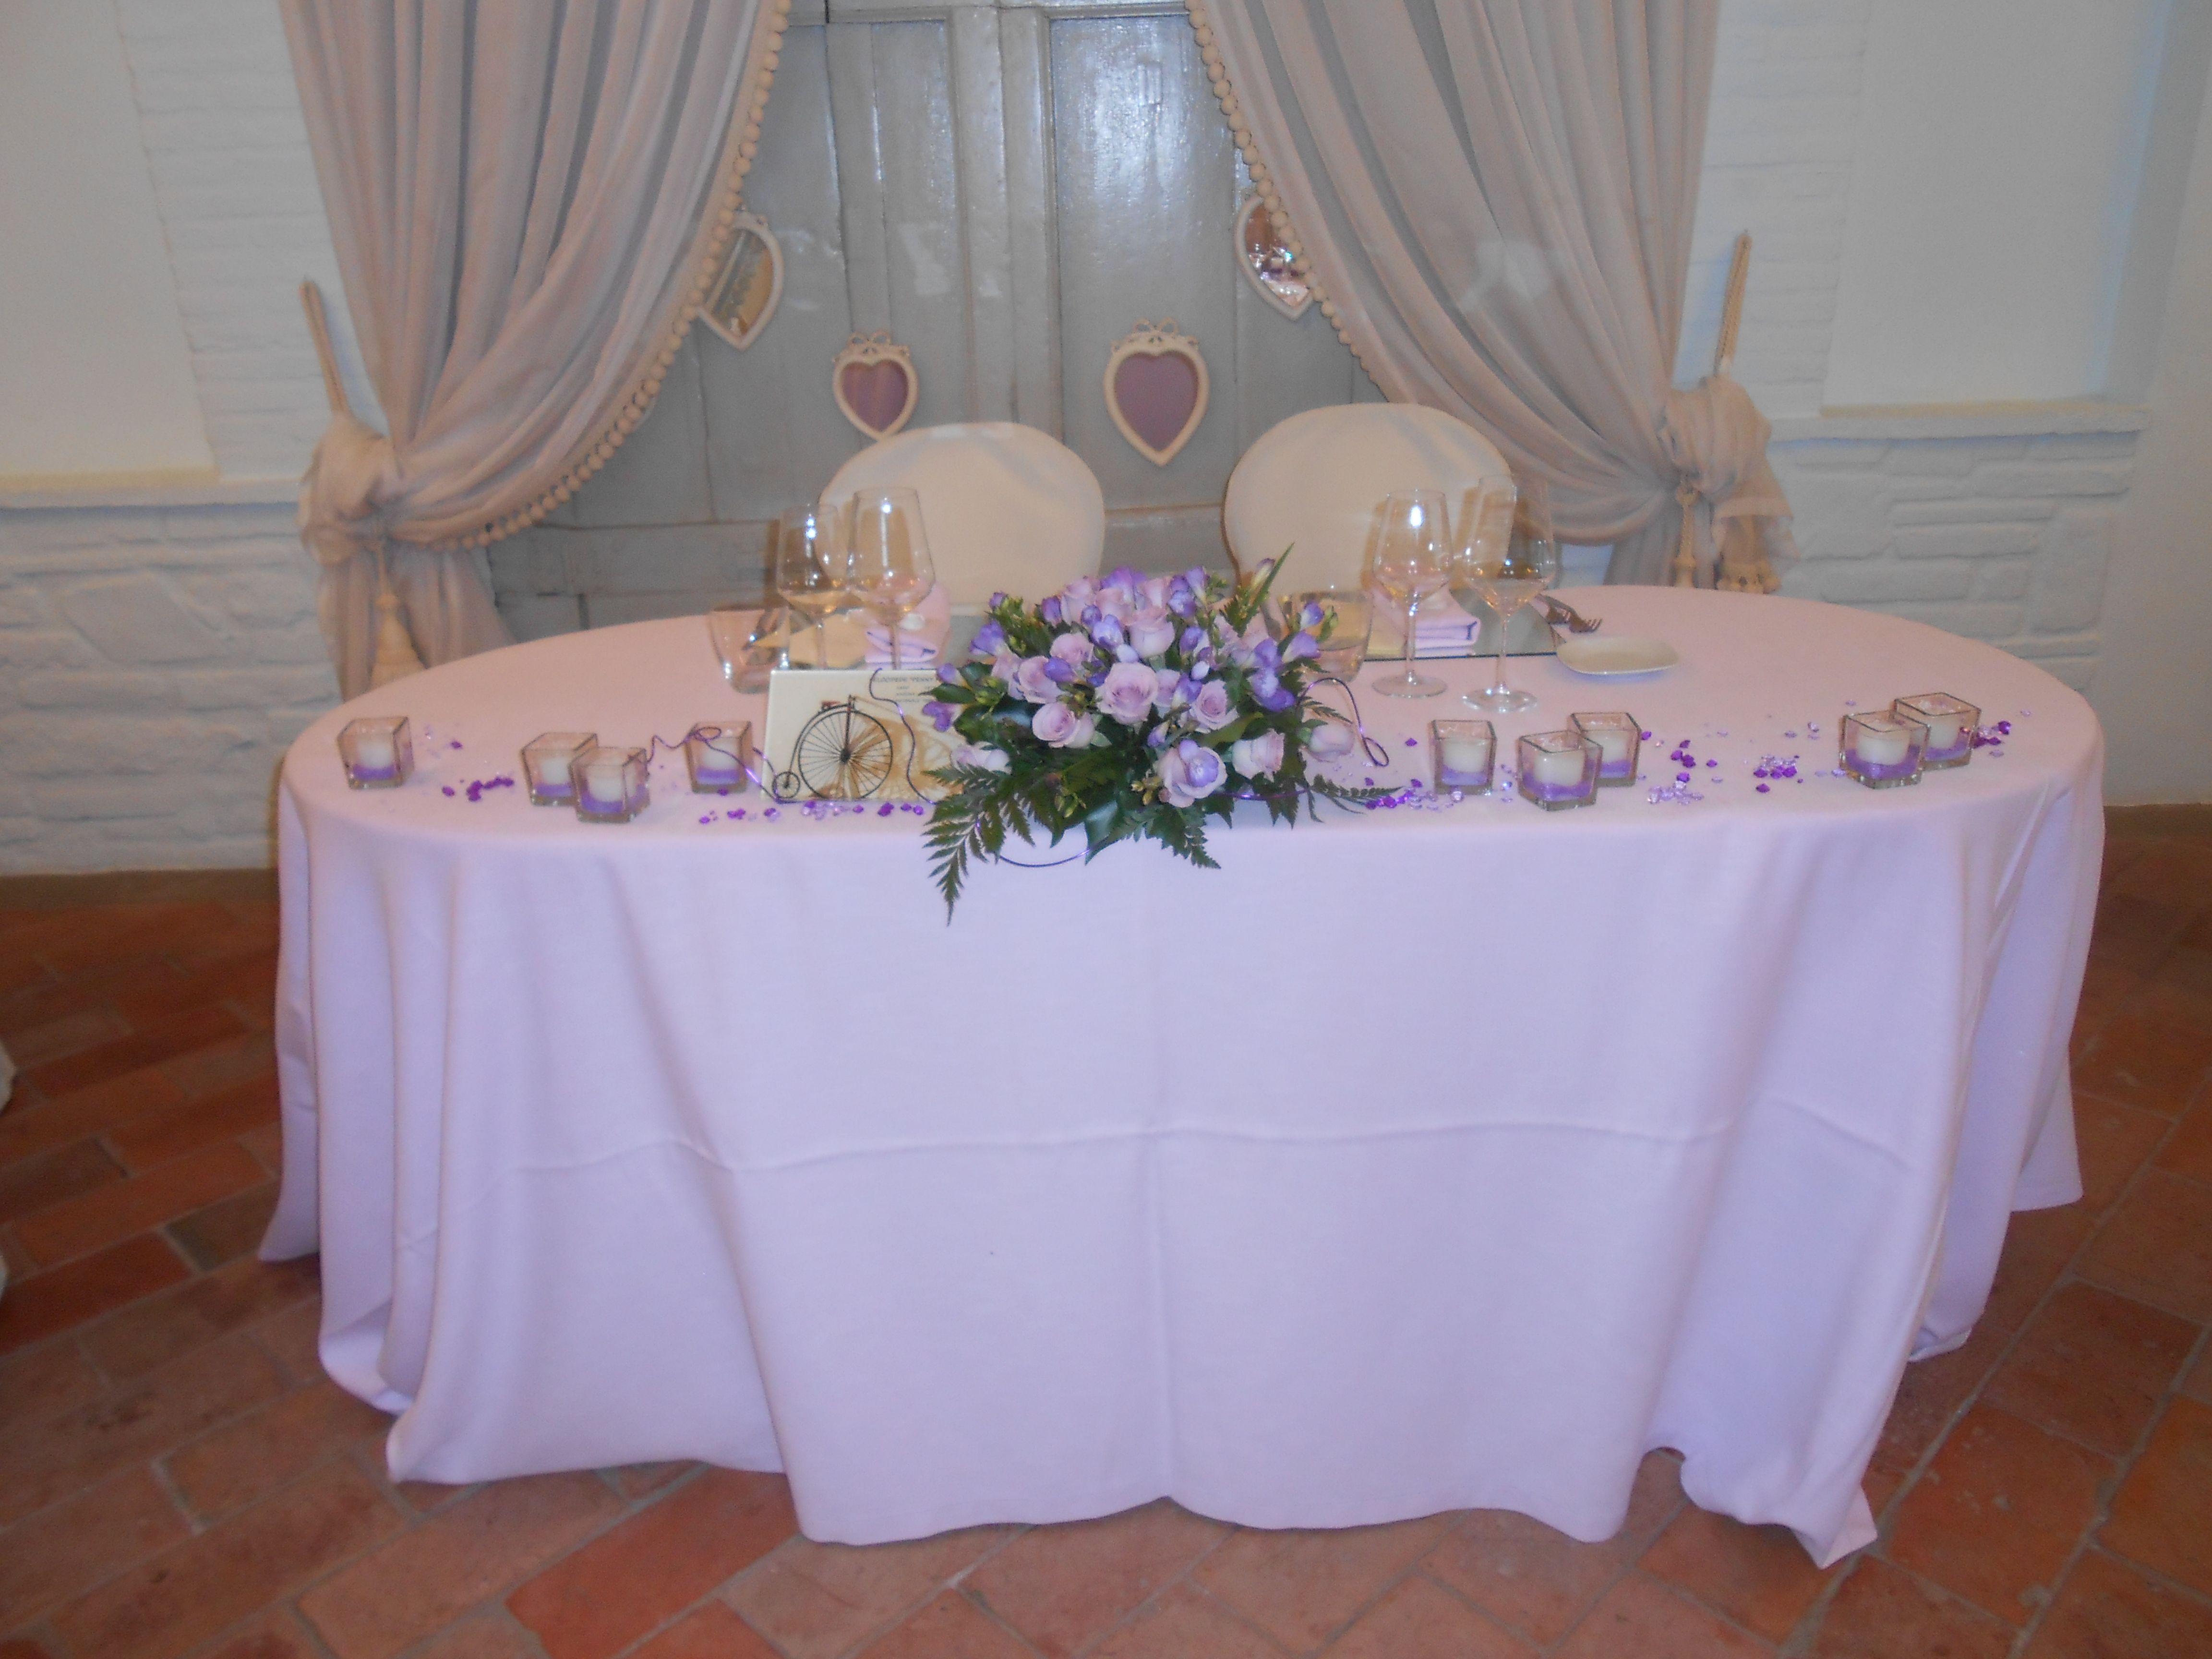 Matrimonio Rustico Napoli : Decorazione tavolo sposi bianco e lilla il petriccio